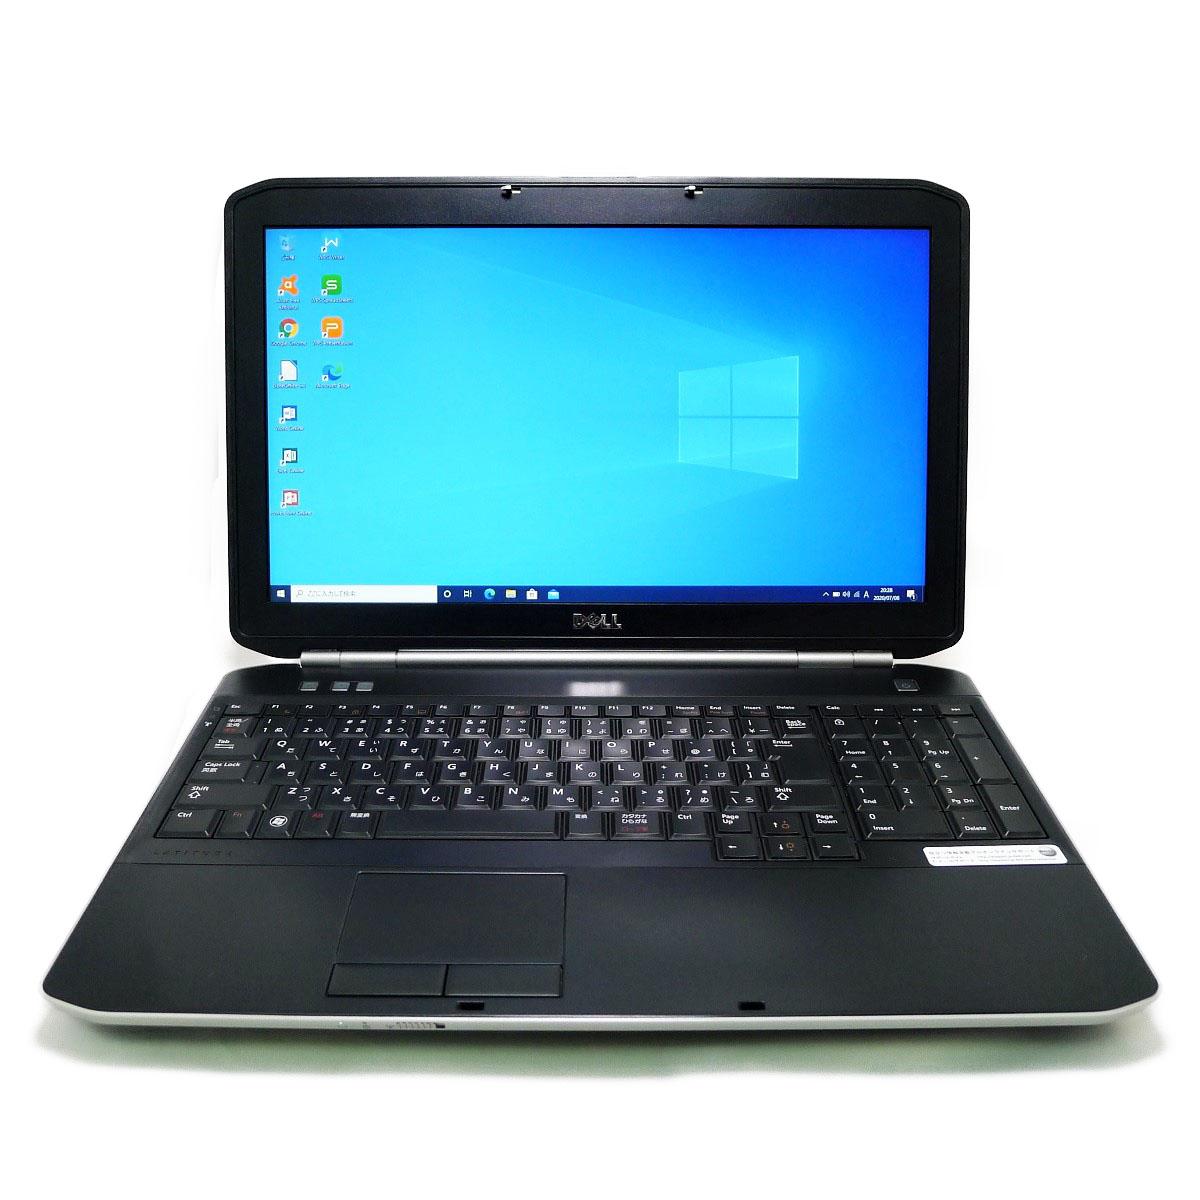 DELL 上等 Latitude E5520 Core i3 4GB HDD250GB スーパーマルチ 64bitWPSOffice 激安通販ショッピング ノートパソコン 無線LAN フルHD 中古 中古パソコン 15.6インチ Windows10